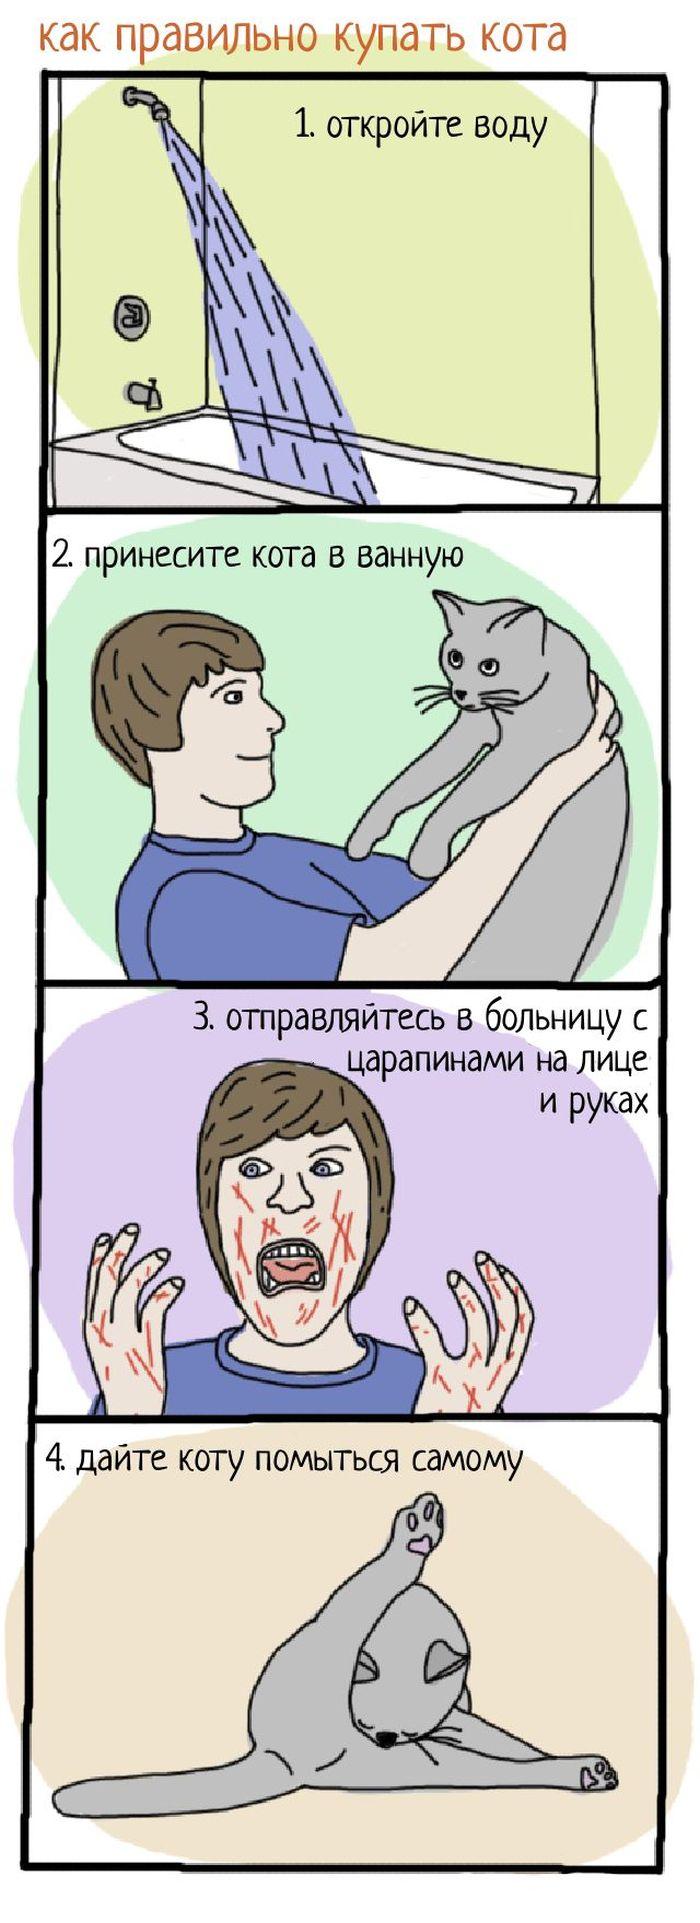 Как правильно купать кота в ванной (1 картинка)